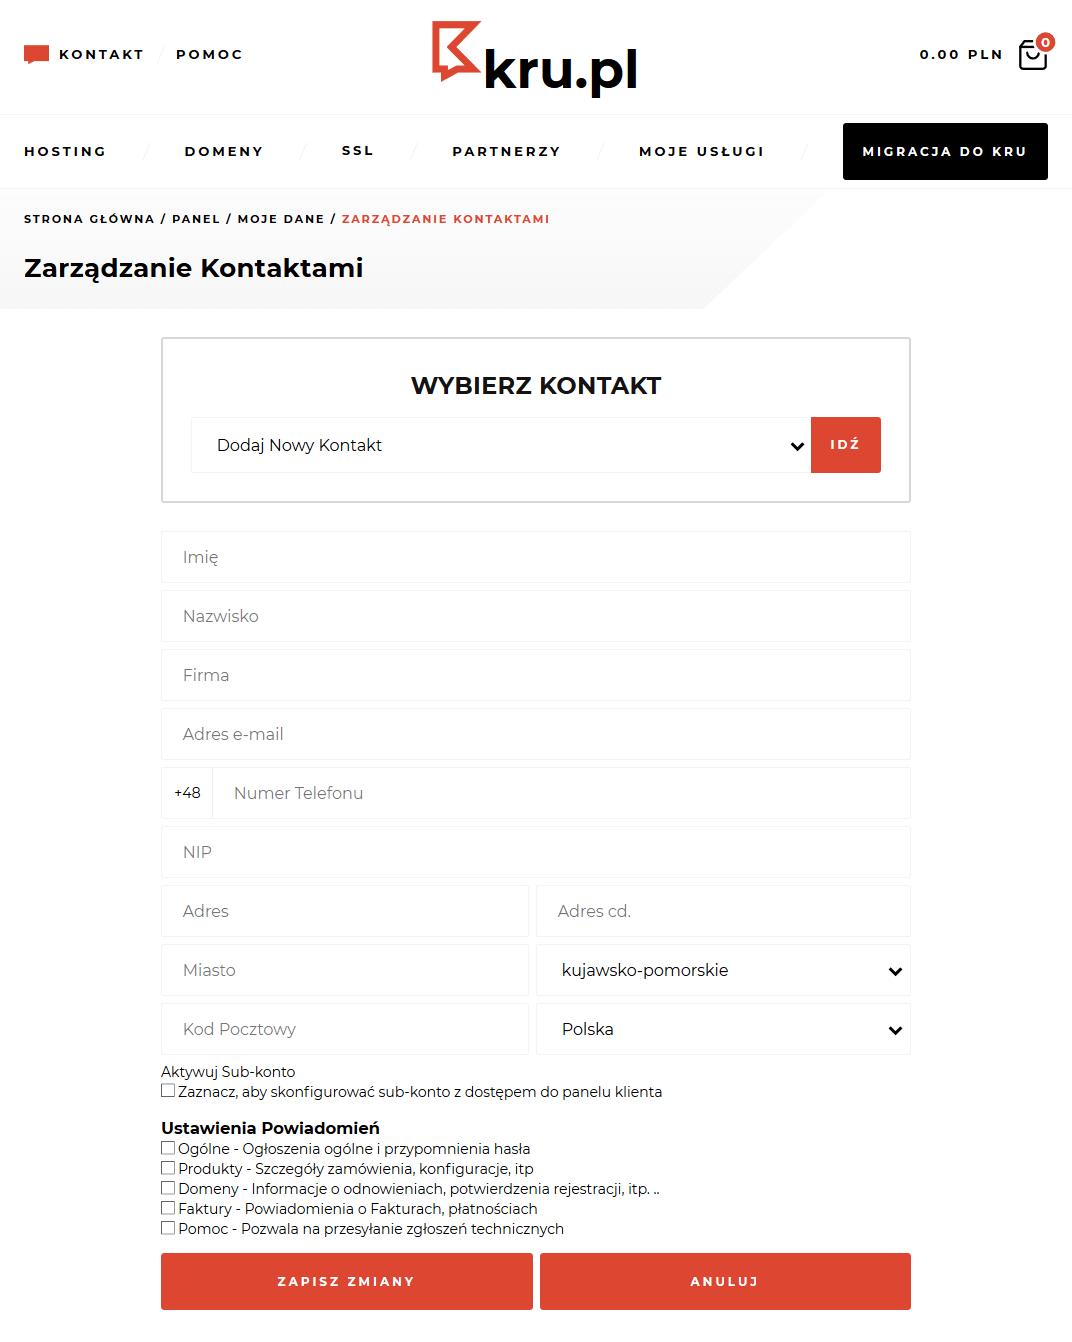 Panel Klienta Kru.pl - autoryzacja e-mail